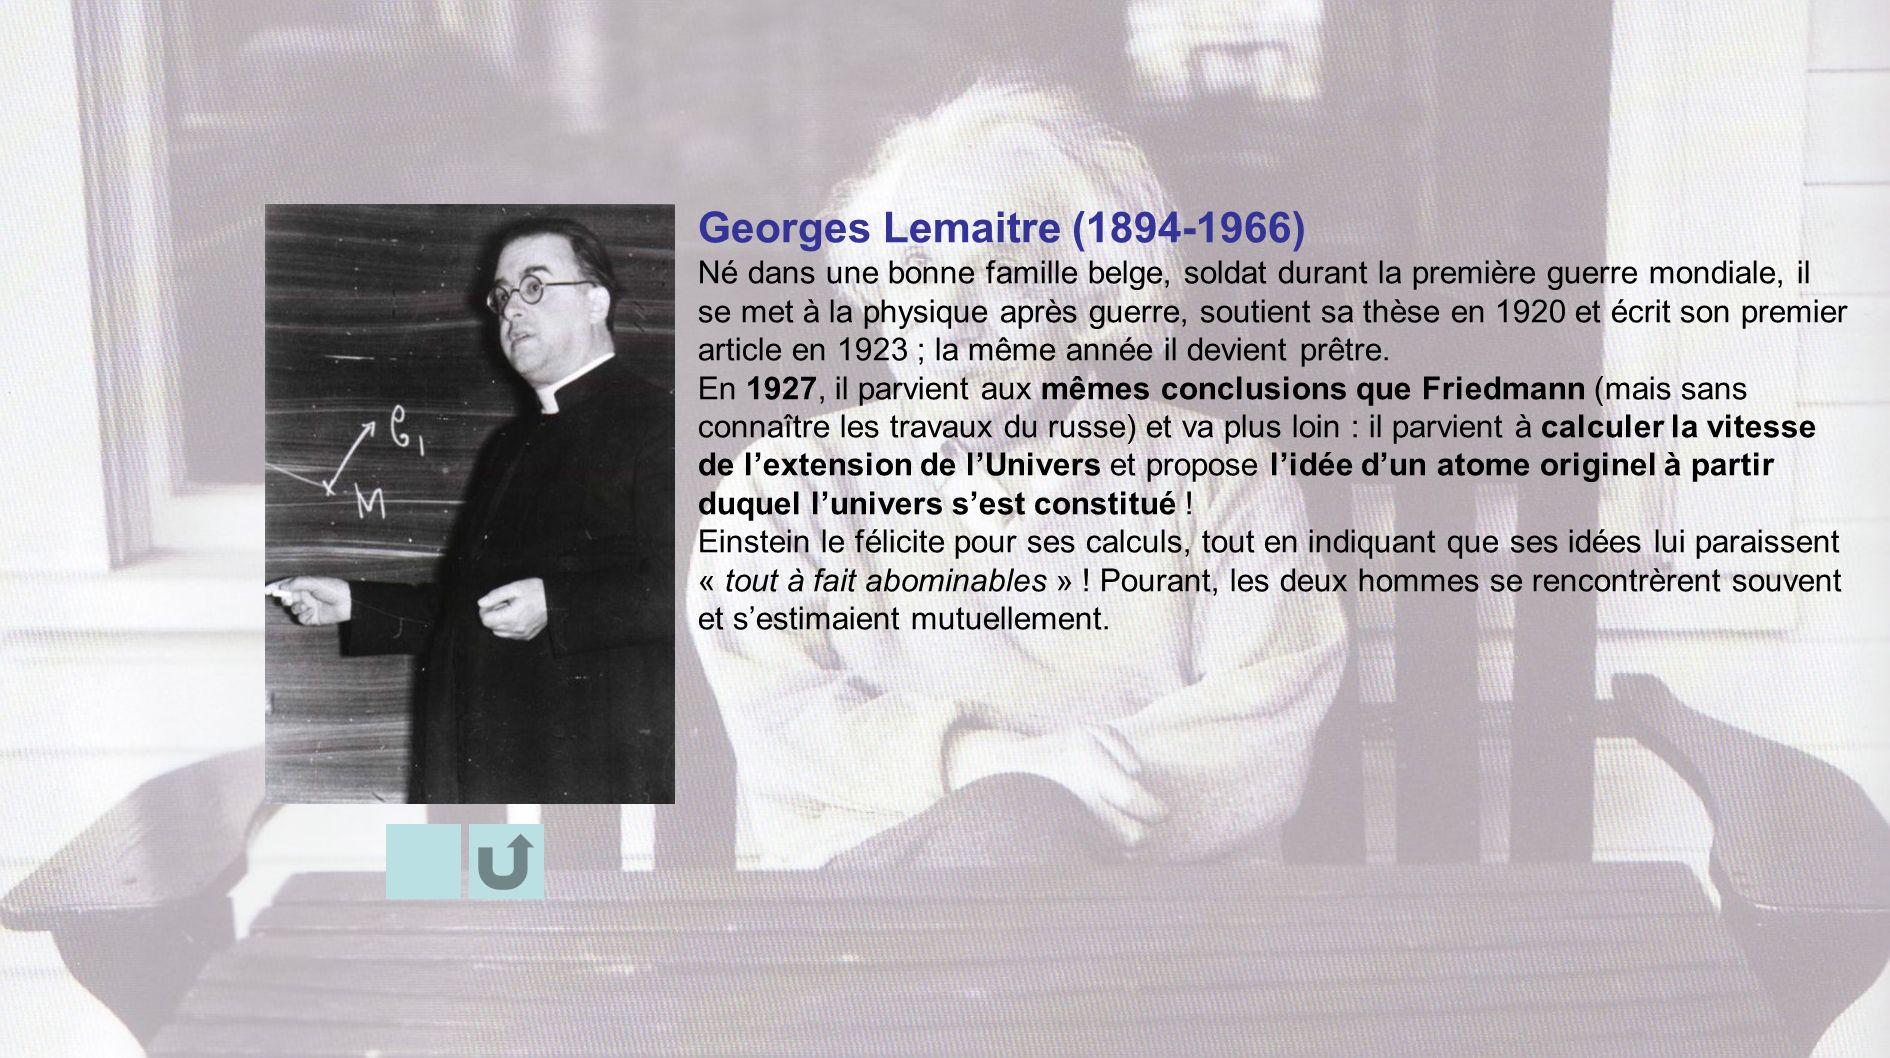 Georges Lemaitre (1894-1966)